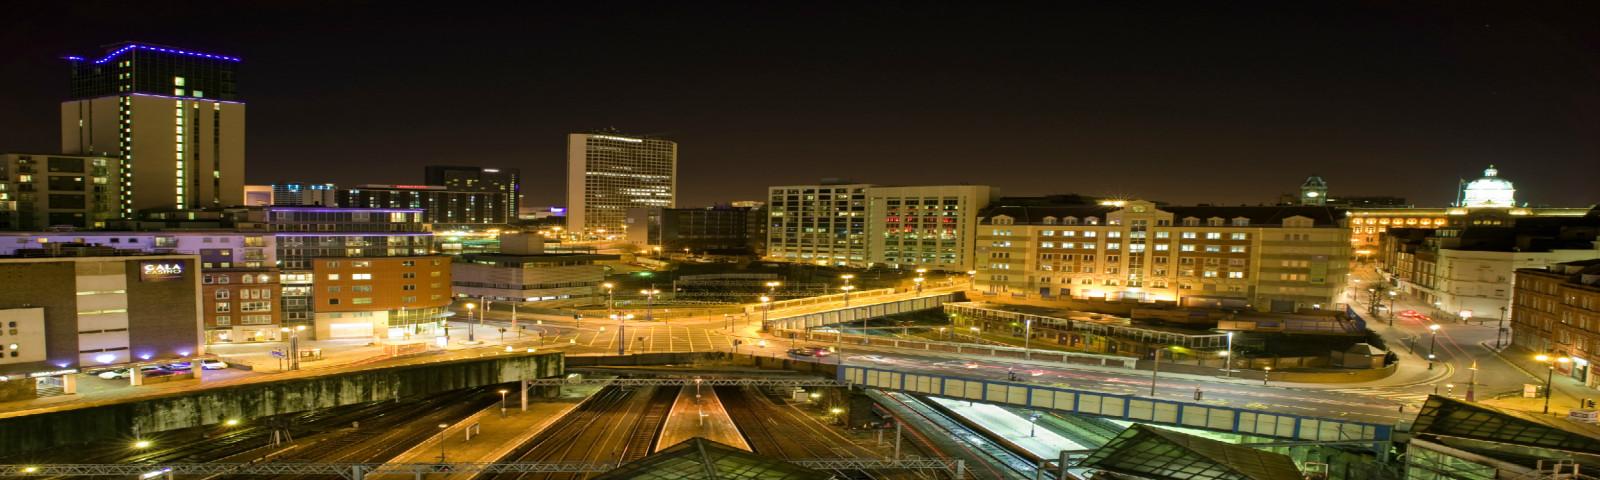 city-of-birmingham-skyline-final-01-e1453849039301